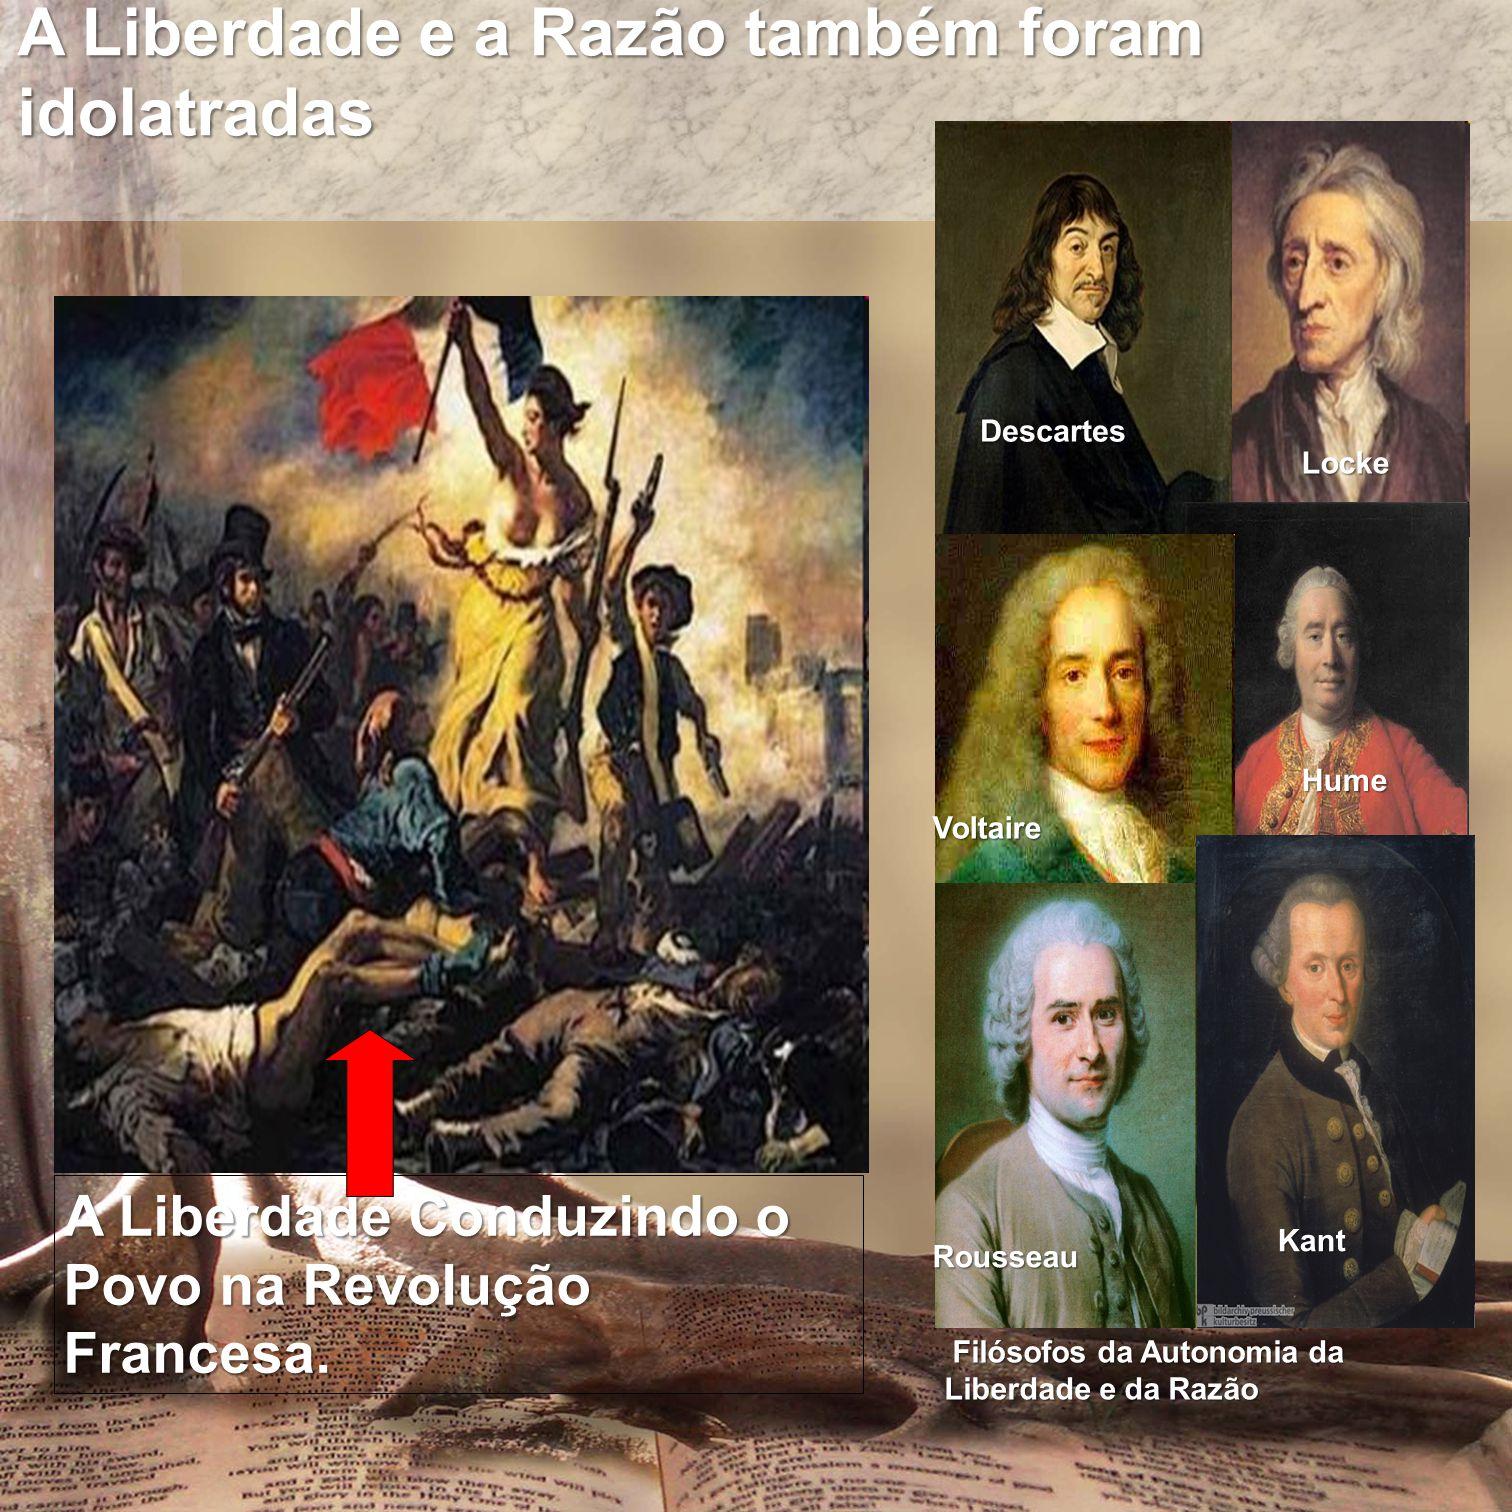 A Liberdade e a Razão também foram idolatradas A Liberdade Conduzindo o Povo na Revolução Francesa. Filósofos da Autonomia da Liberdade e da Razão Fil